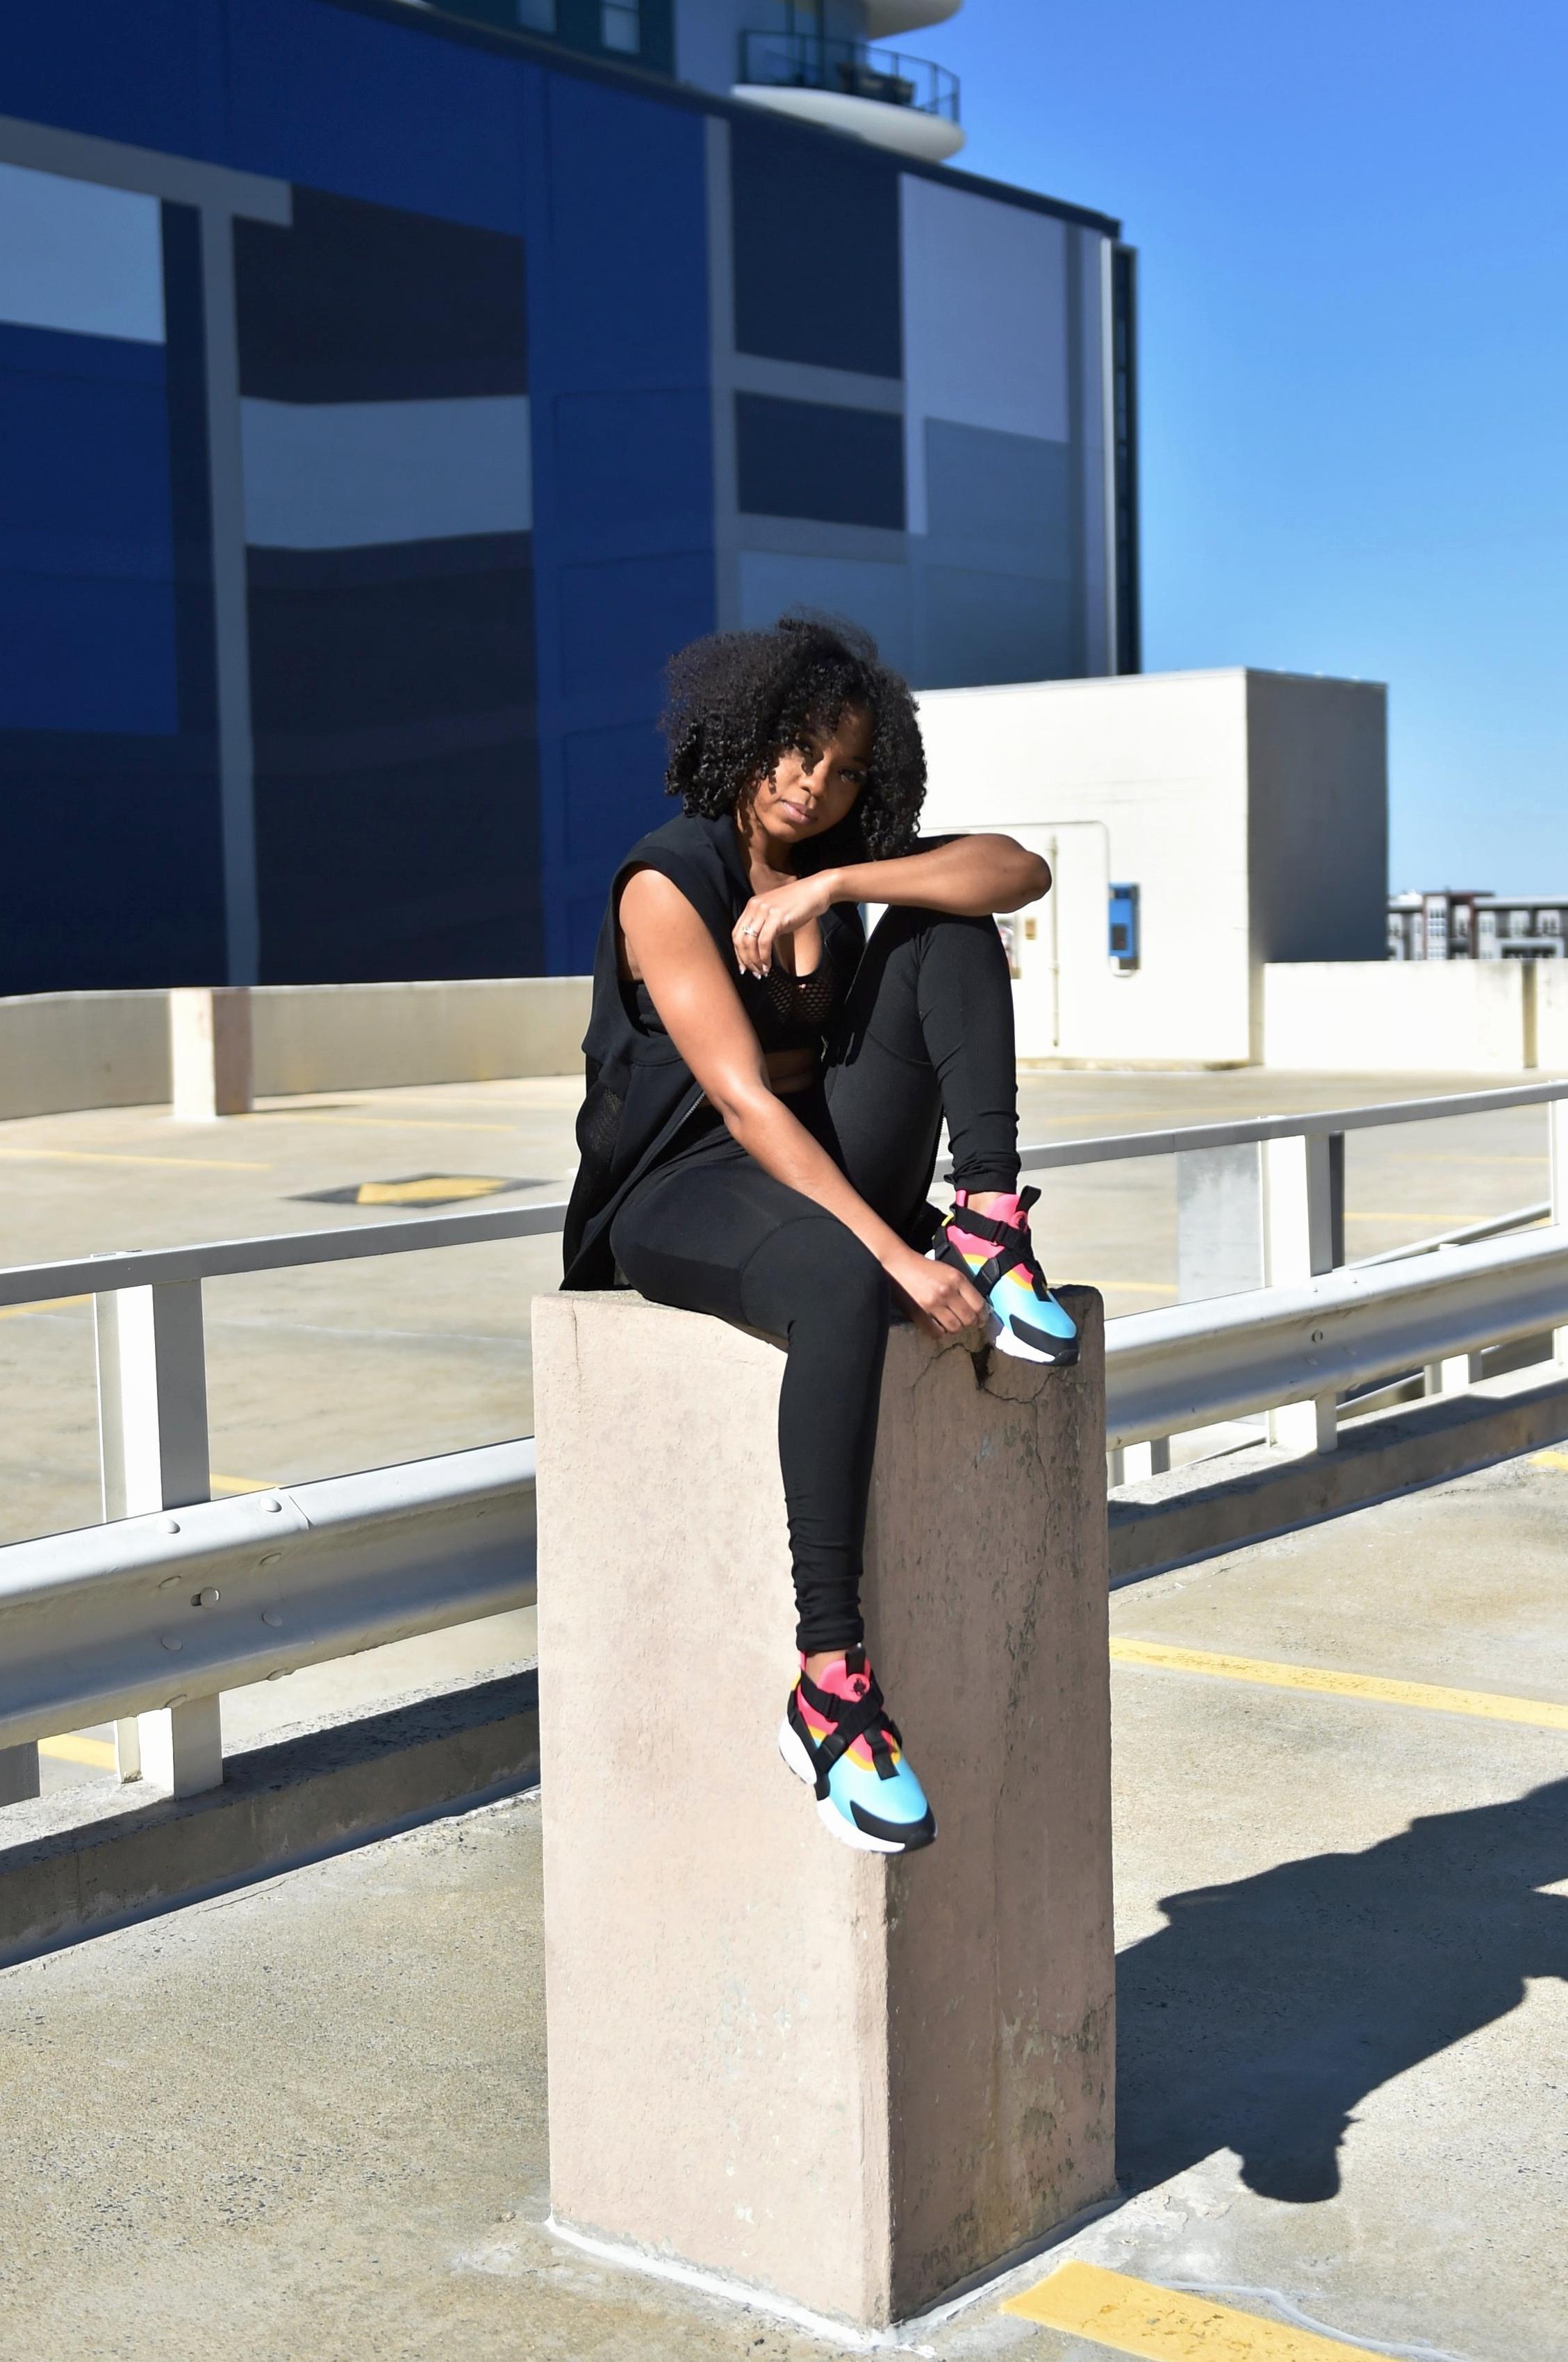 LI4_6254.JPGJust Being Britt Jenkins Fitness Lifestyle Beauty Blog Nike City Air